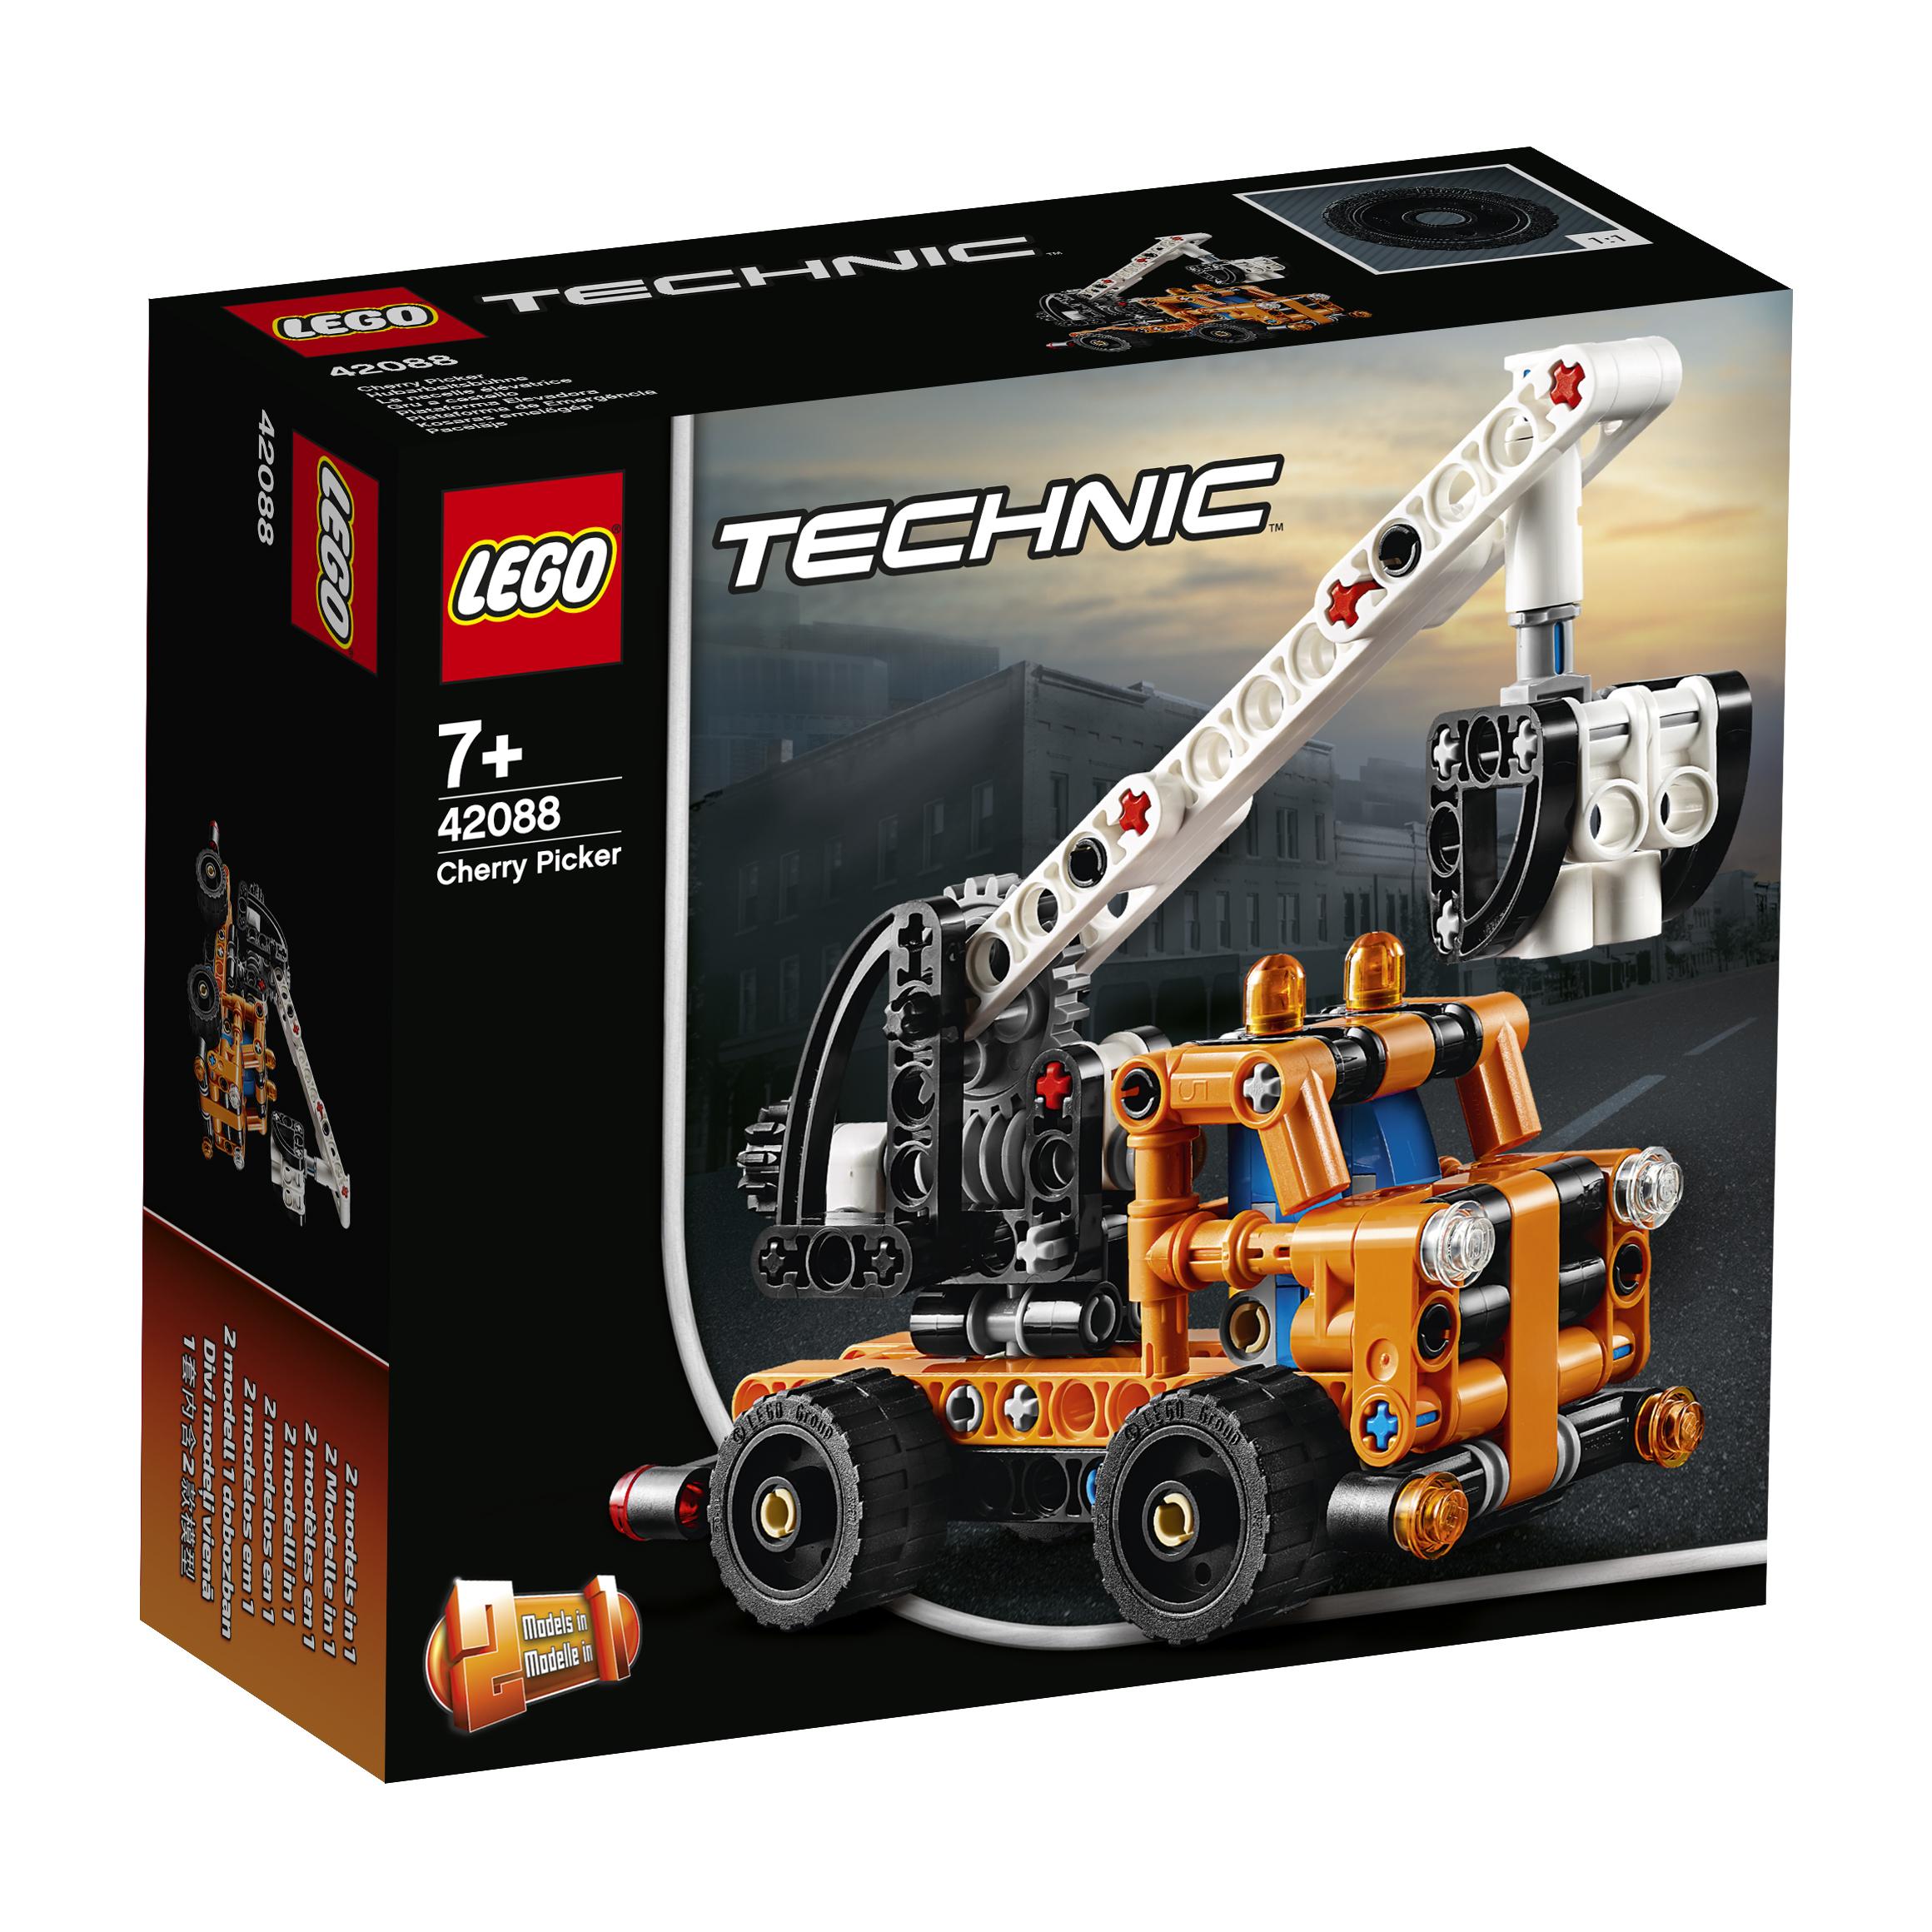 Конструктор LEGO Technic 42088 Ремонтный автокран цена